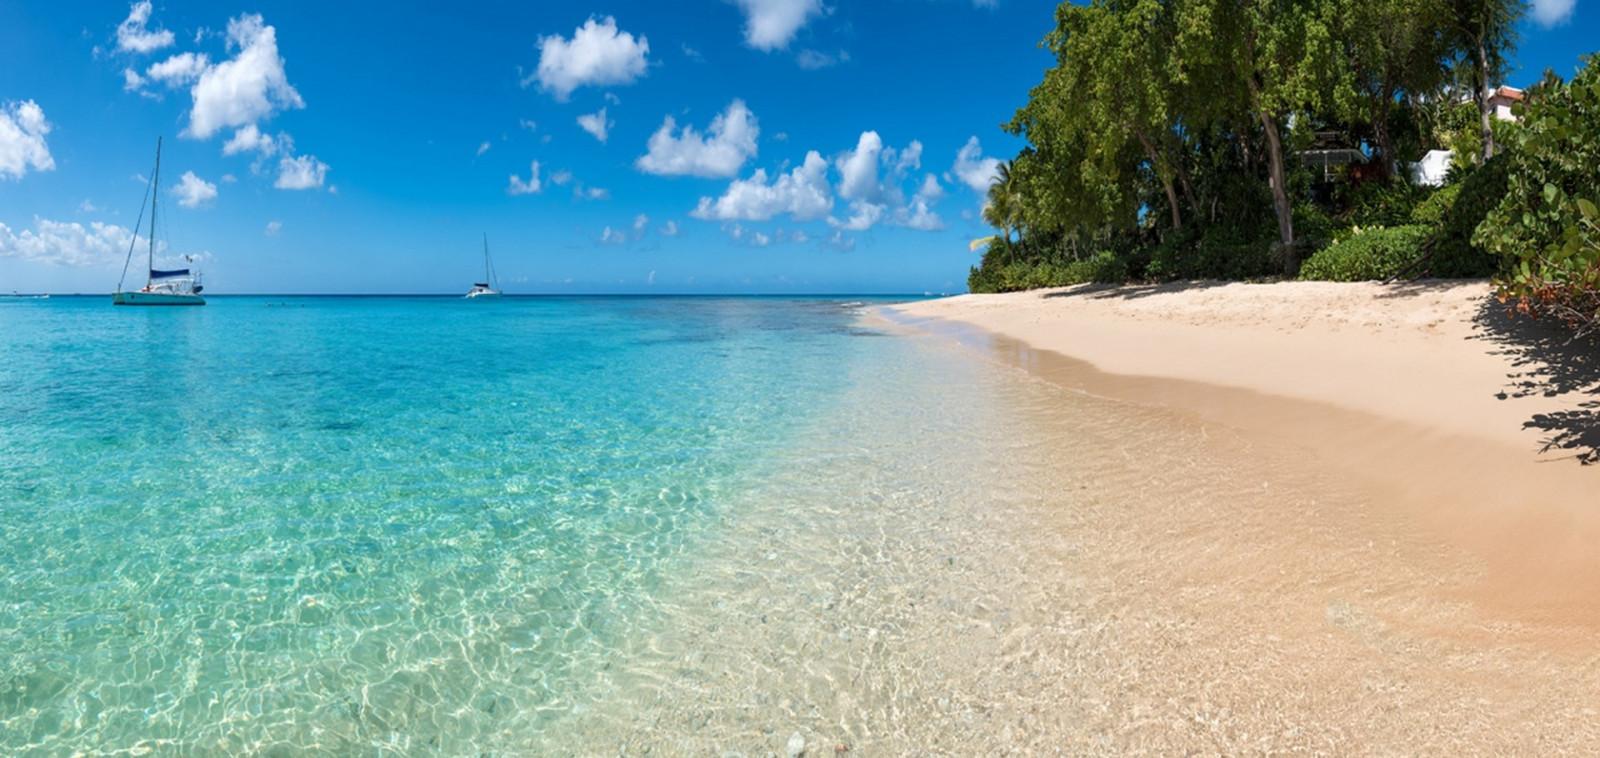 Villas On The Beach Barbados | Caribbean Villa Rentals